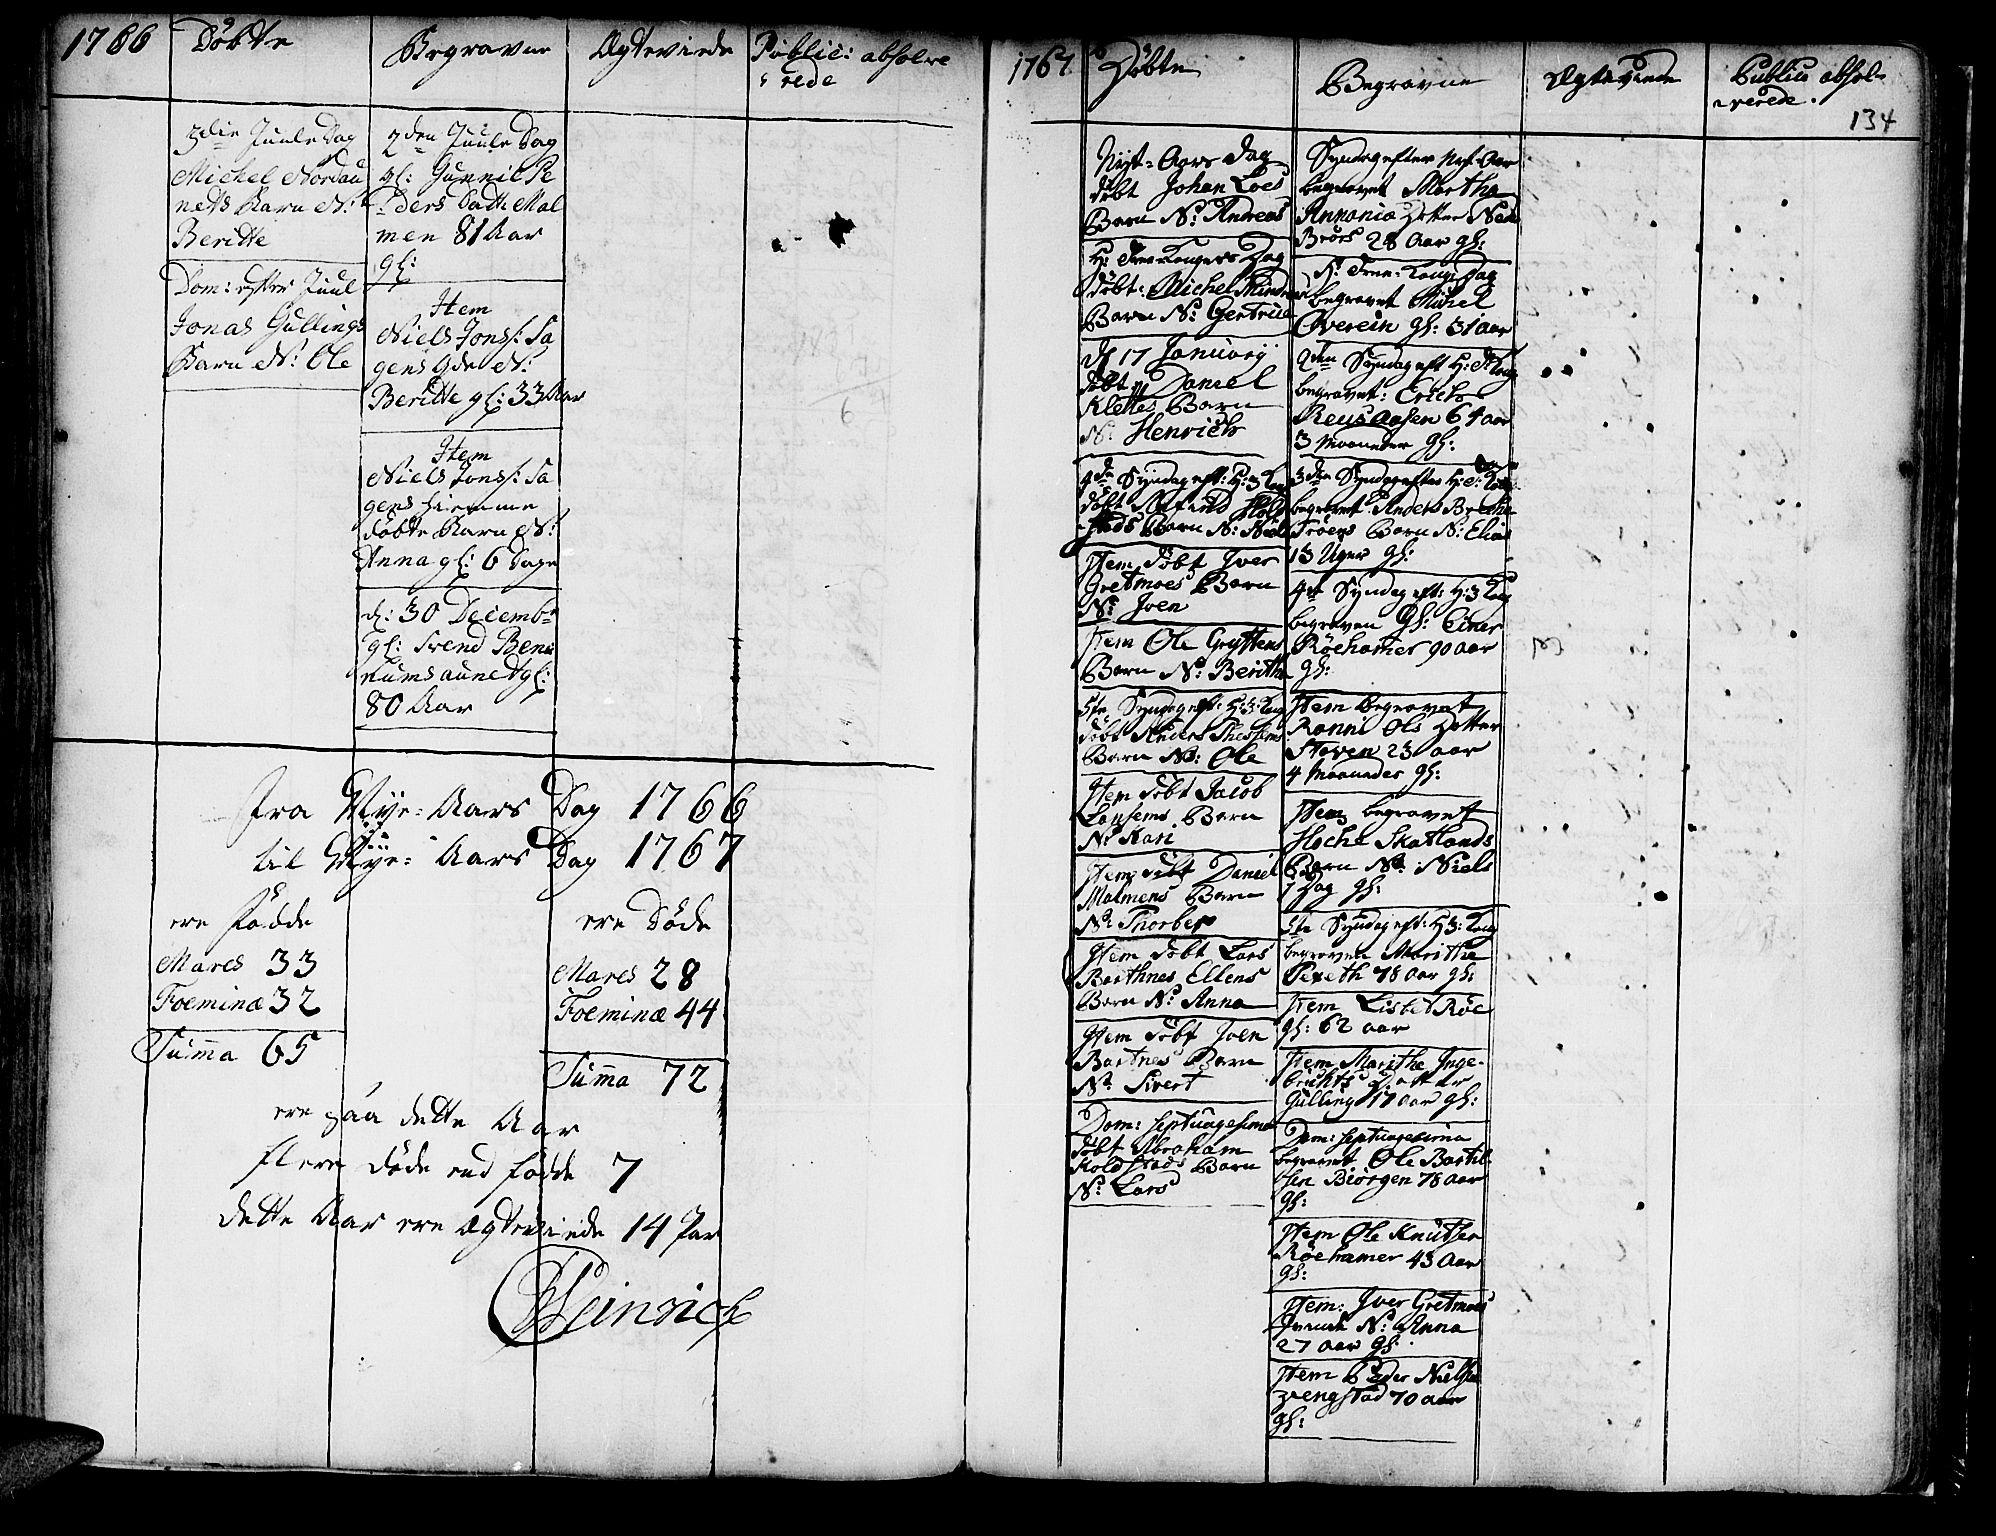 SAT, Ministerialprotokoller, klokkerbøker og fødselsregistre - Nord-Trøndelag, 741/L0385: Ministerialbok nr. 741A01, 1722-1815, s. 134